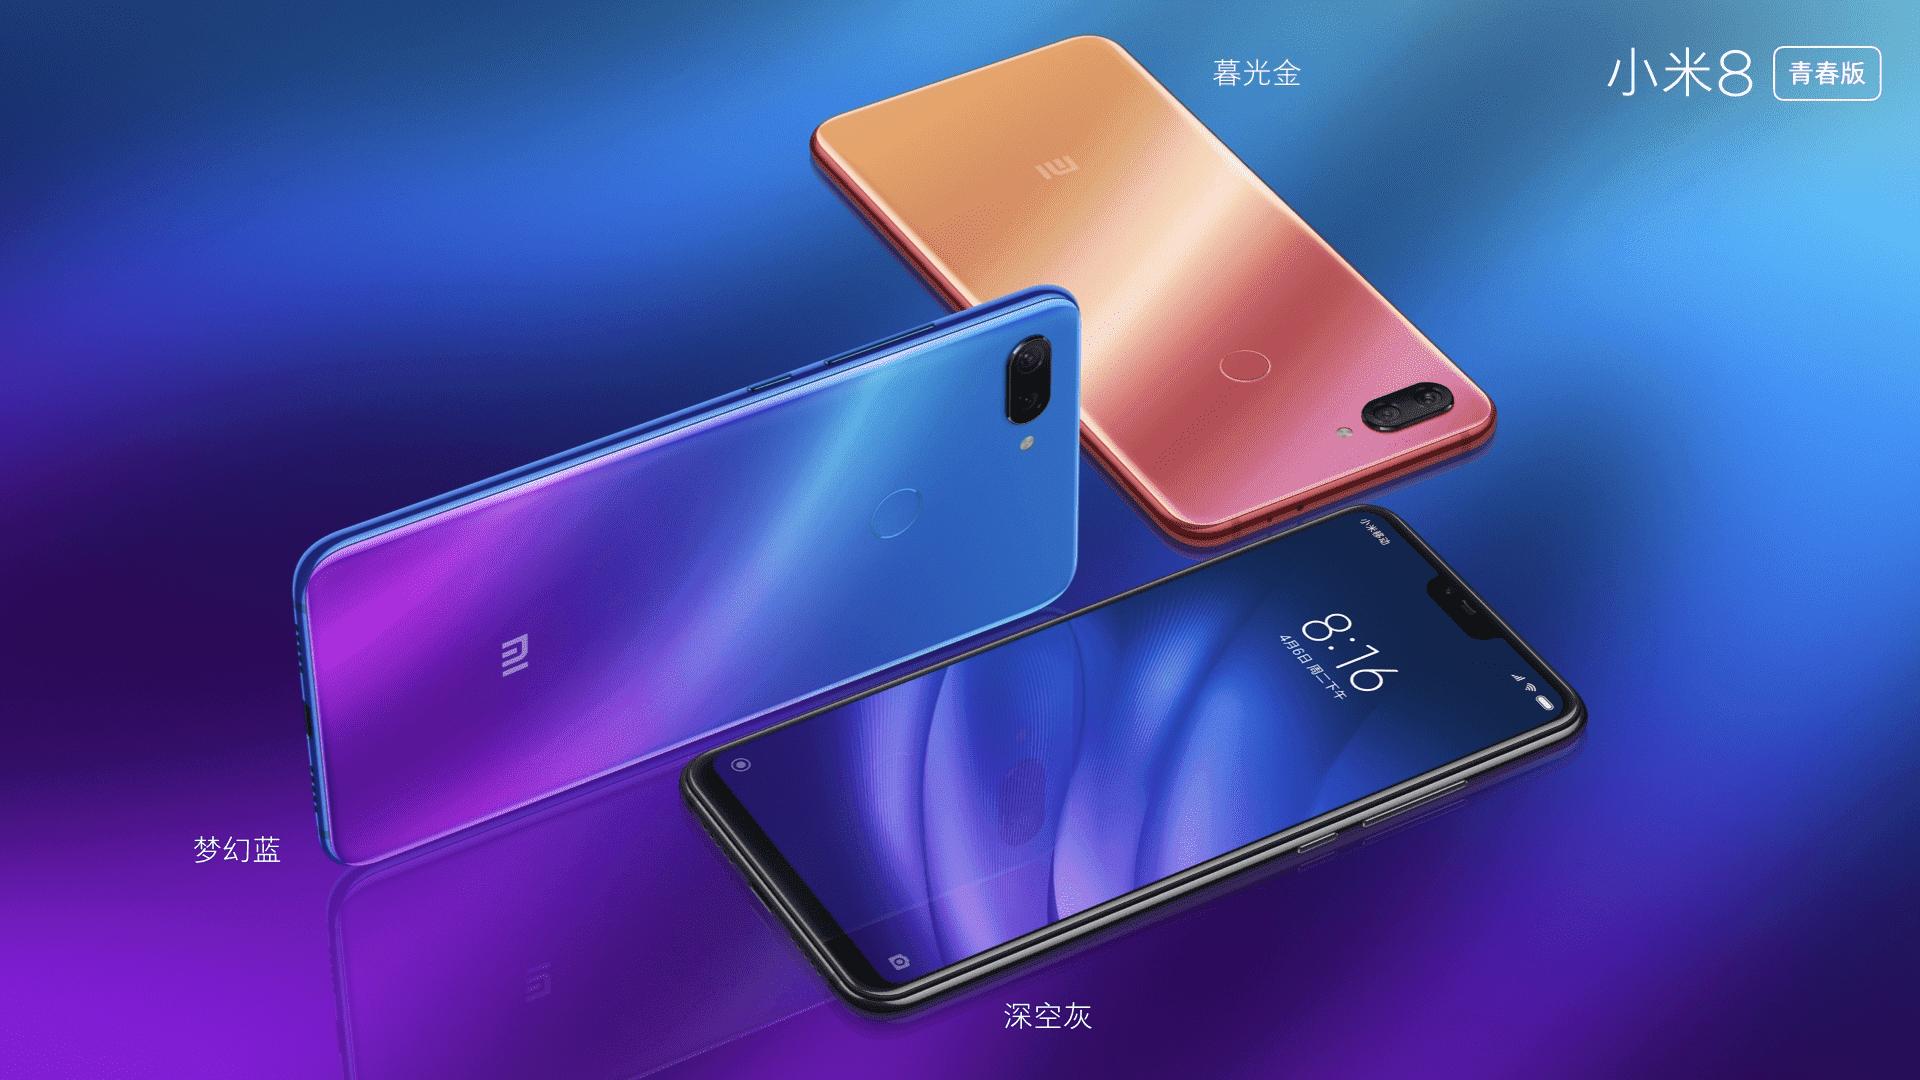 297 Xiaomi Mi 8 Pro и Mi 8 Lite анонсированы официально: как они отличаются от стандартного Mi 8?